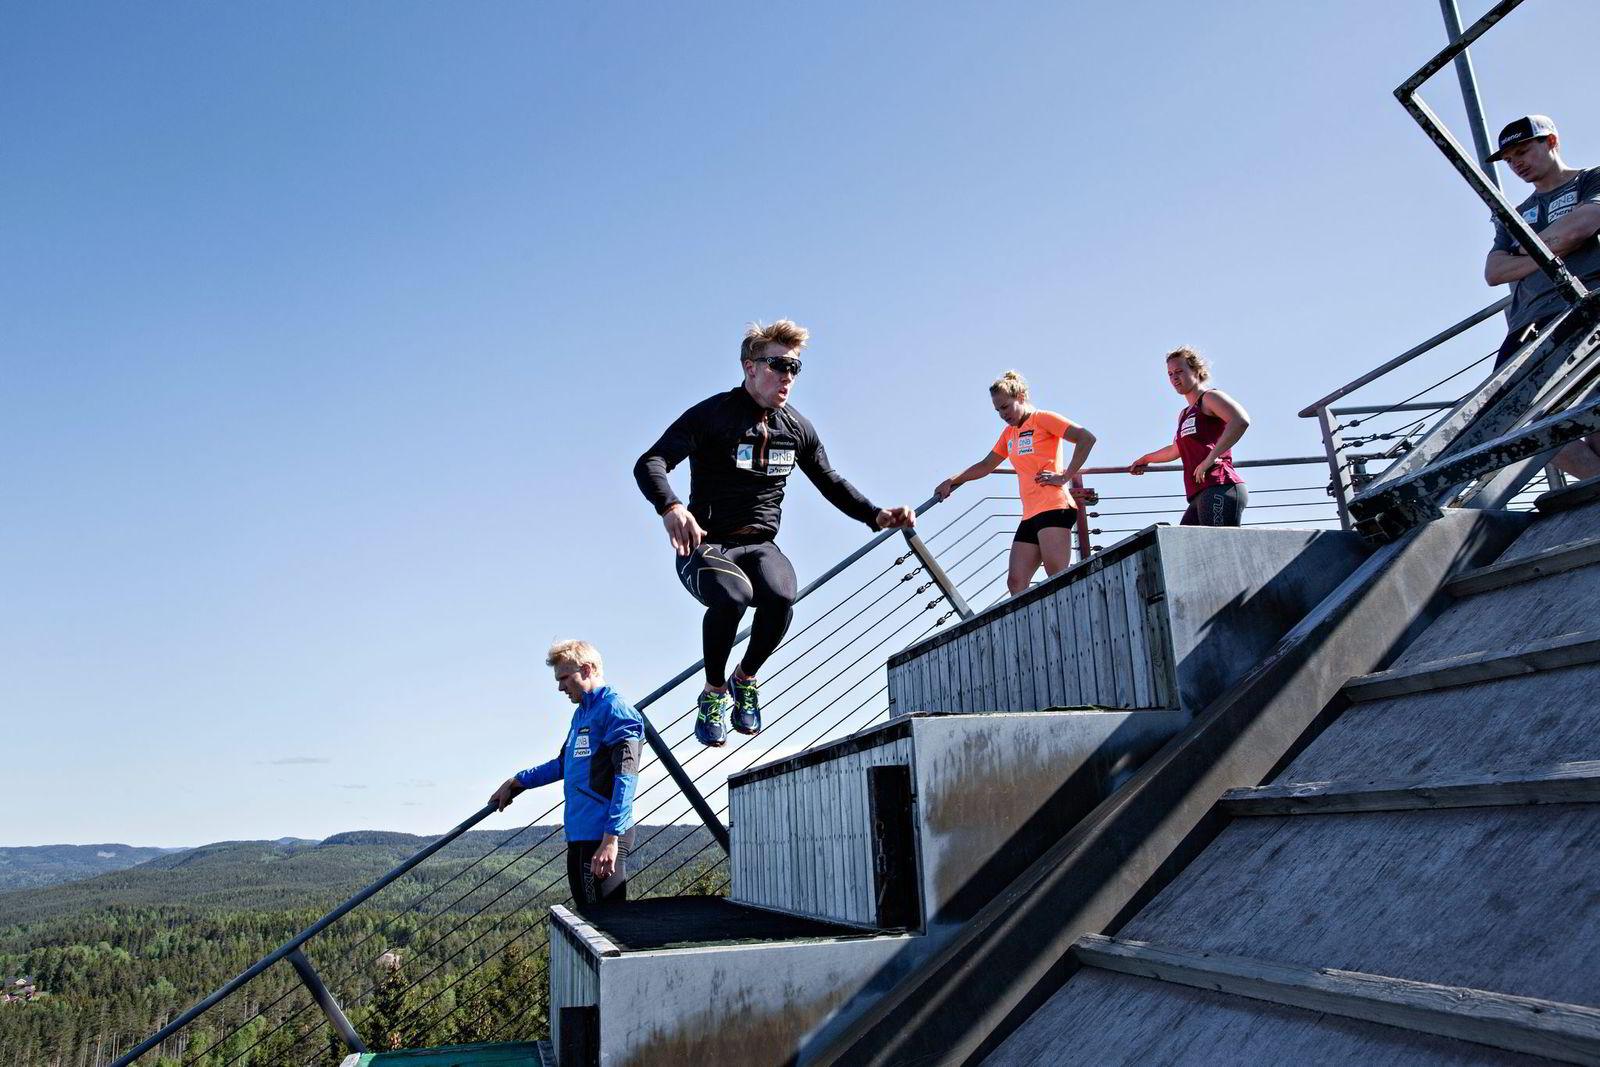 Det er en ny dag med syre når Kilde spretter opp ovarennet i Linderudkollen, mens Marcus Monsen, Lotte Sejersted og Mina Holtmann er på vei ned til nok en opptur. Foto: Aleksander Nordahl